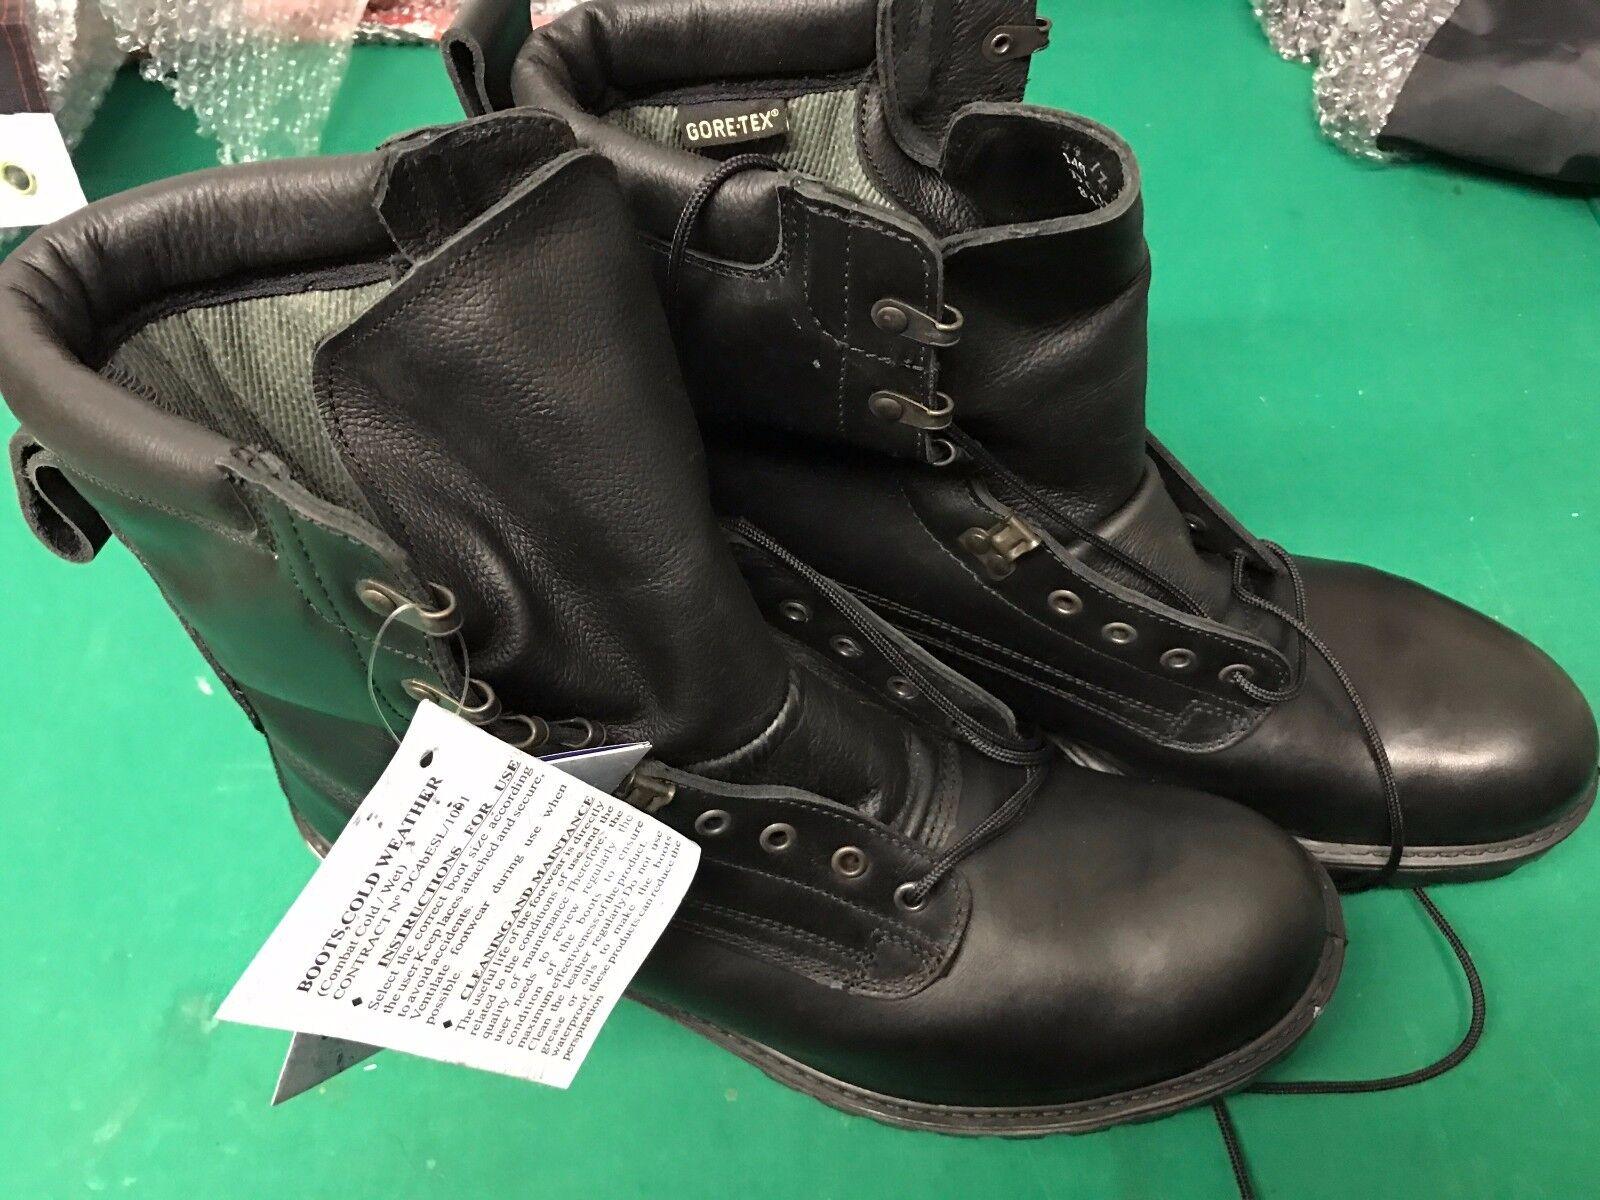 Nuevo botas negras GORTEX MILITARES Tema Varios Tamaños Ejército Mod